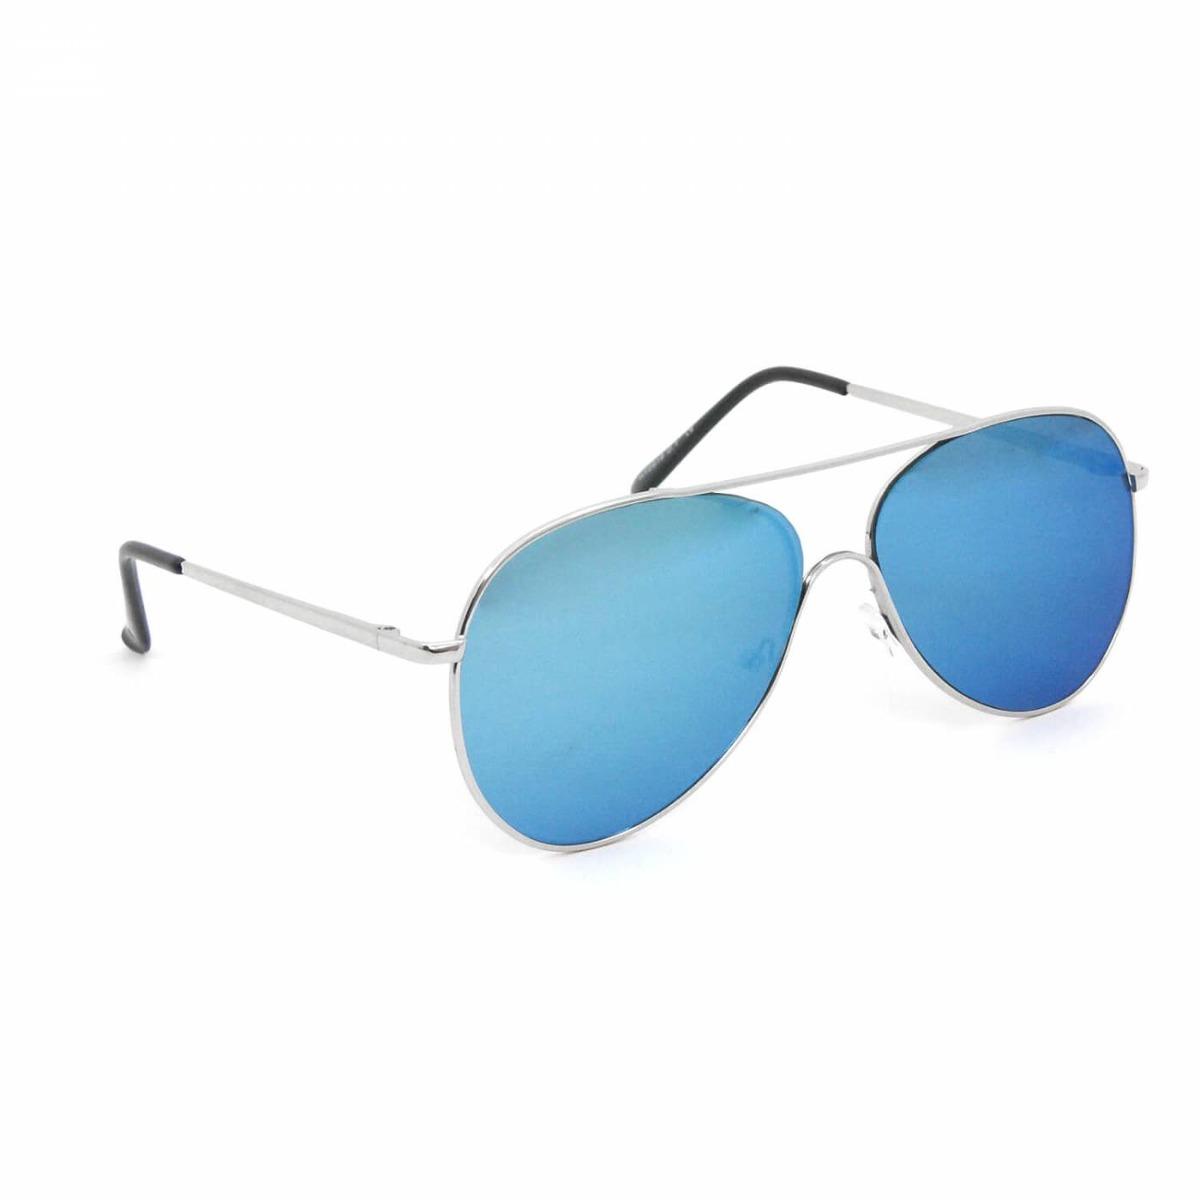 aa72e2797 Óculos De Sol Aviador Prateado Com Lente Azul Espelhado - R$ 114,17 ...